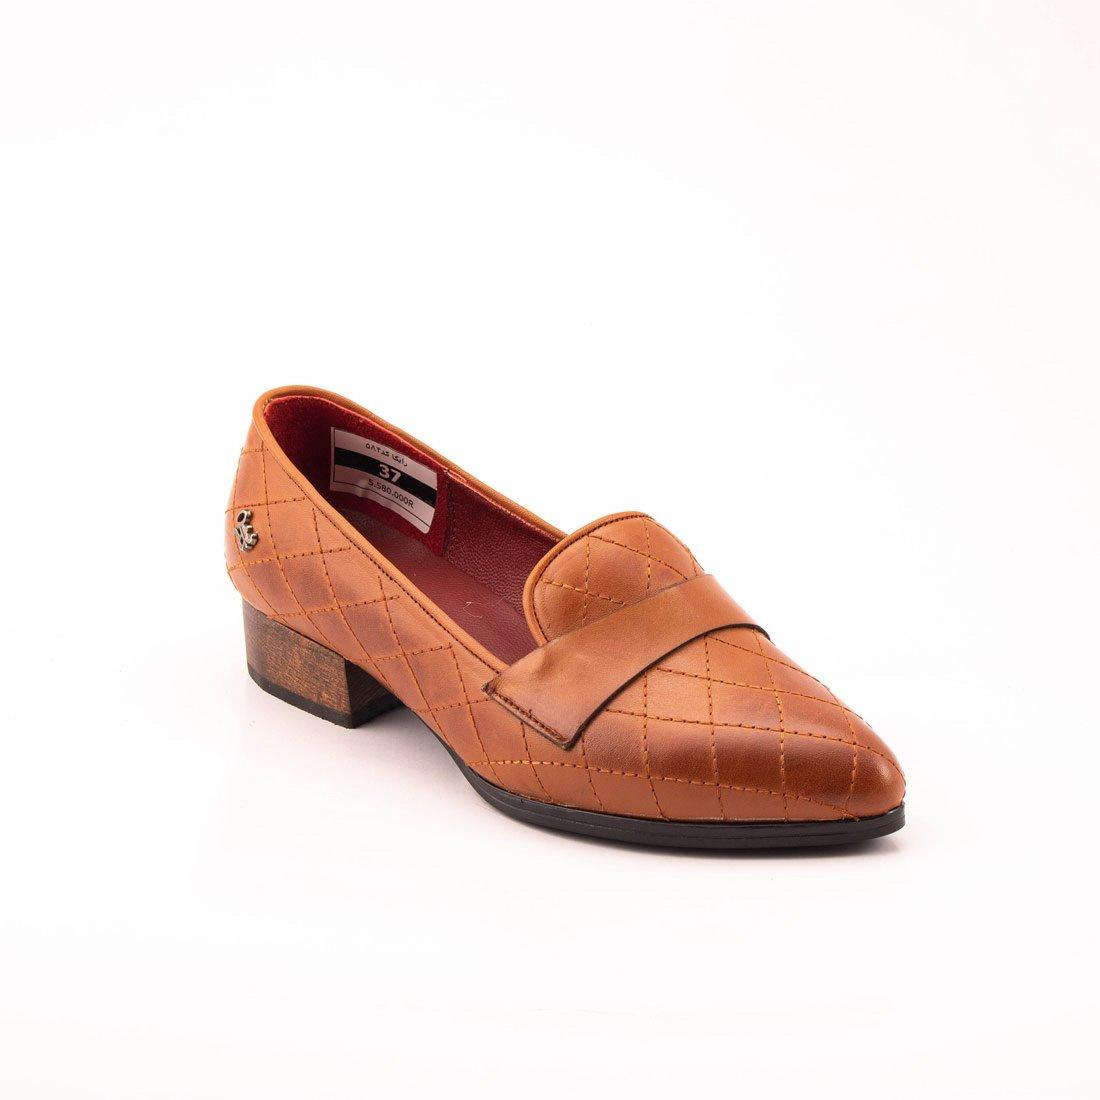 زنانه کفش رایکا کد584